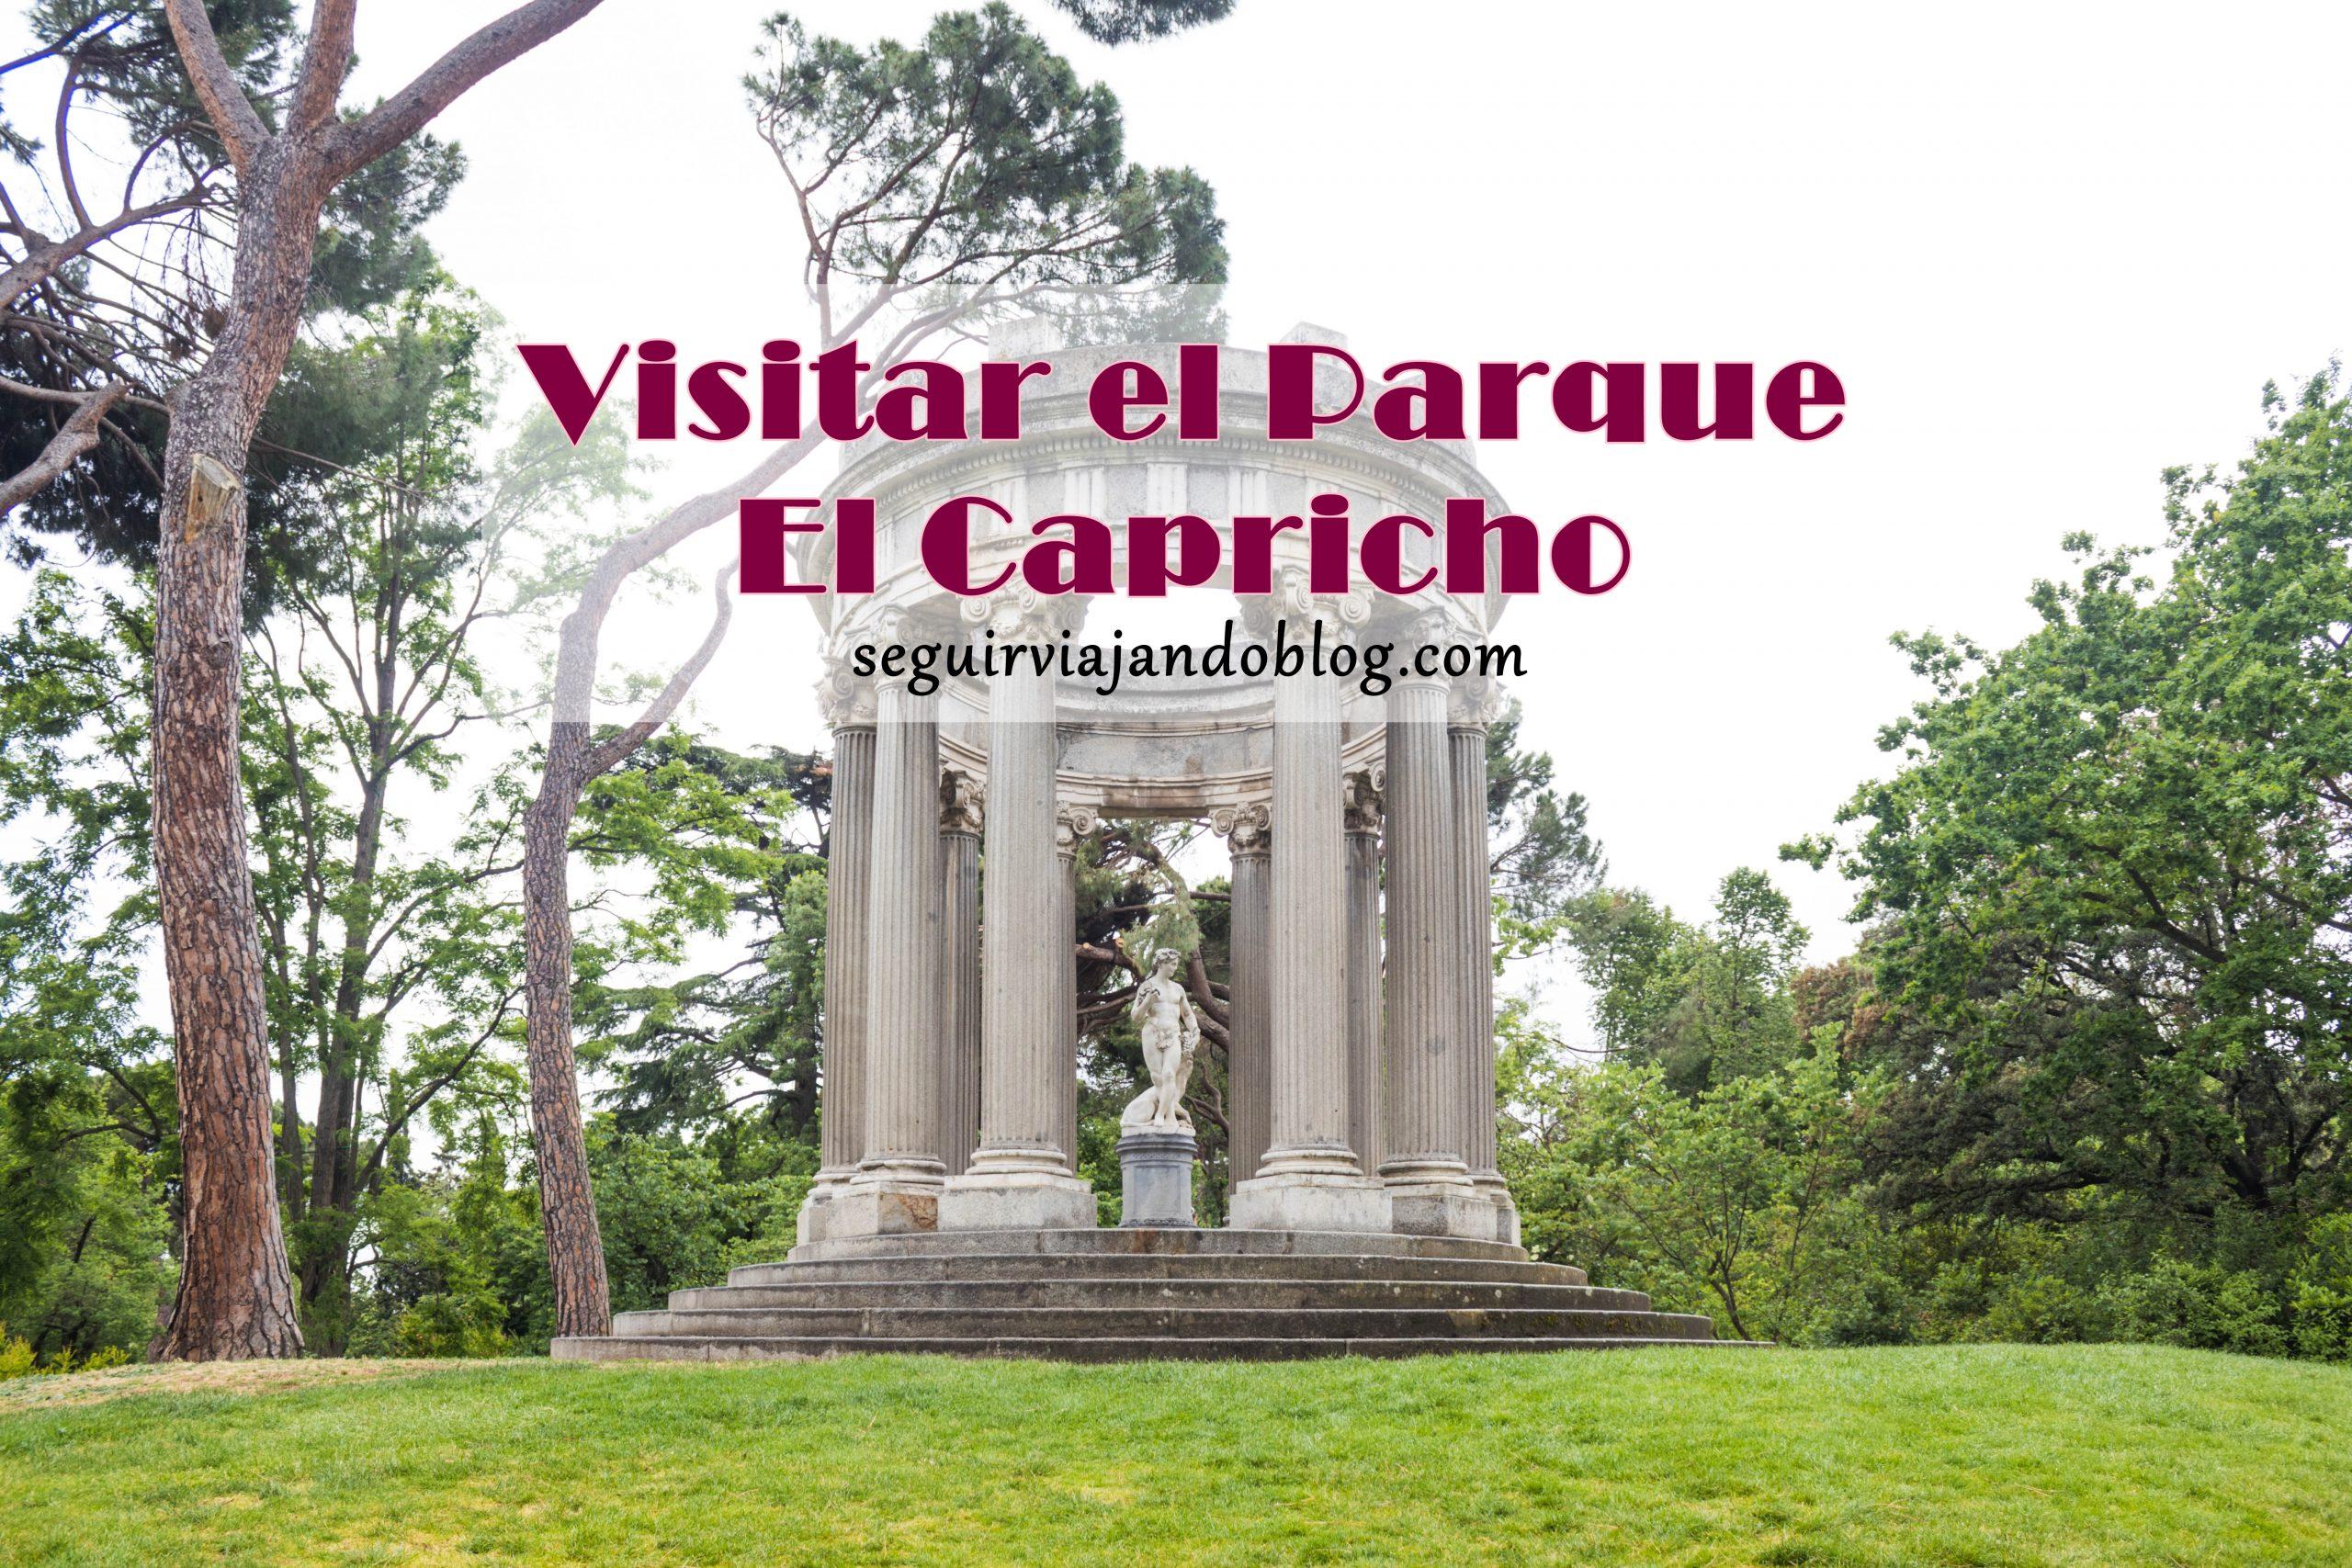 Visitar el Parque El Capricho - Seguir Viajando